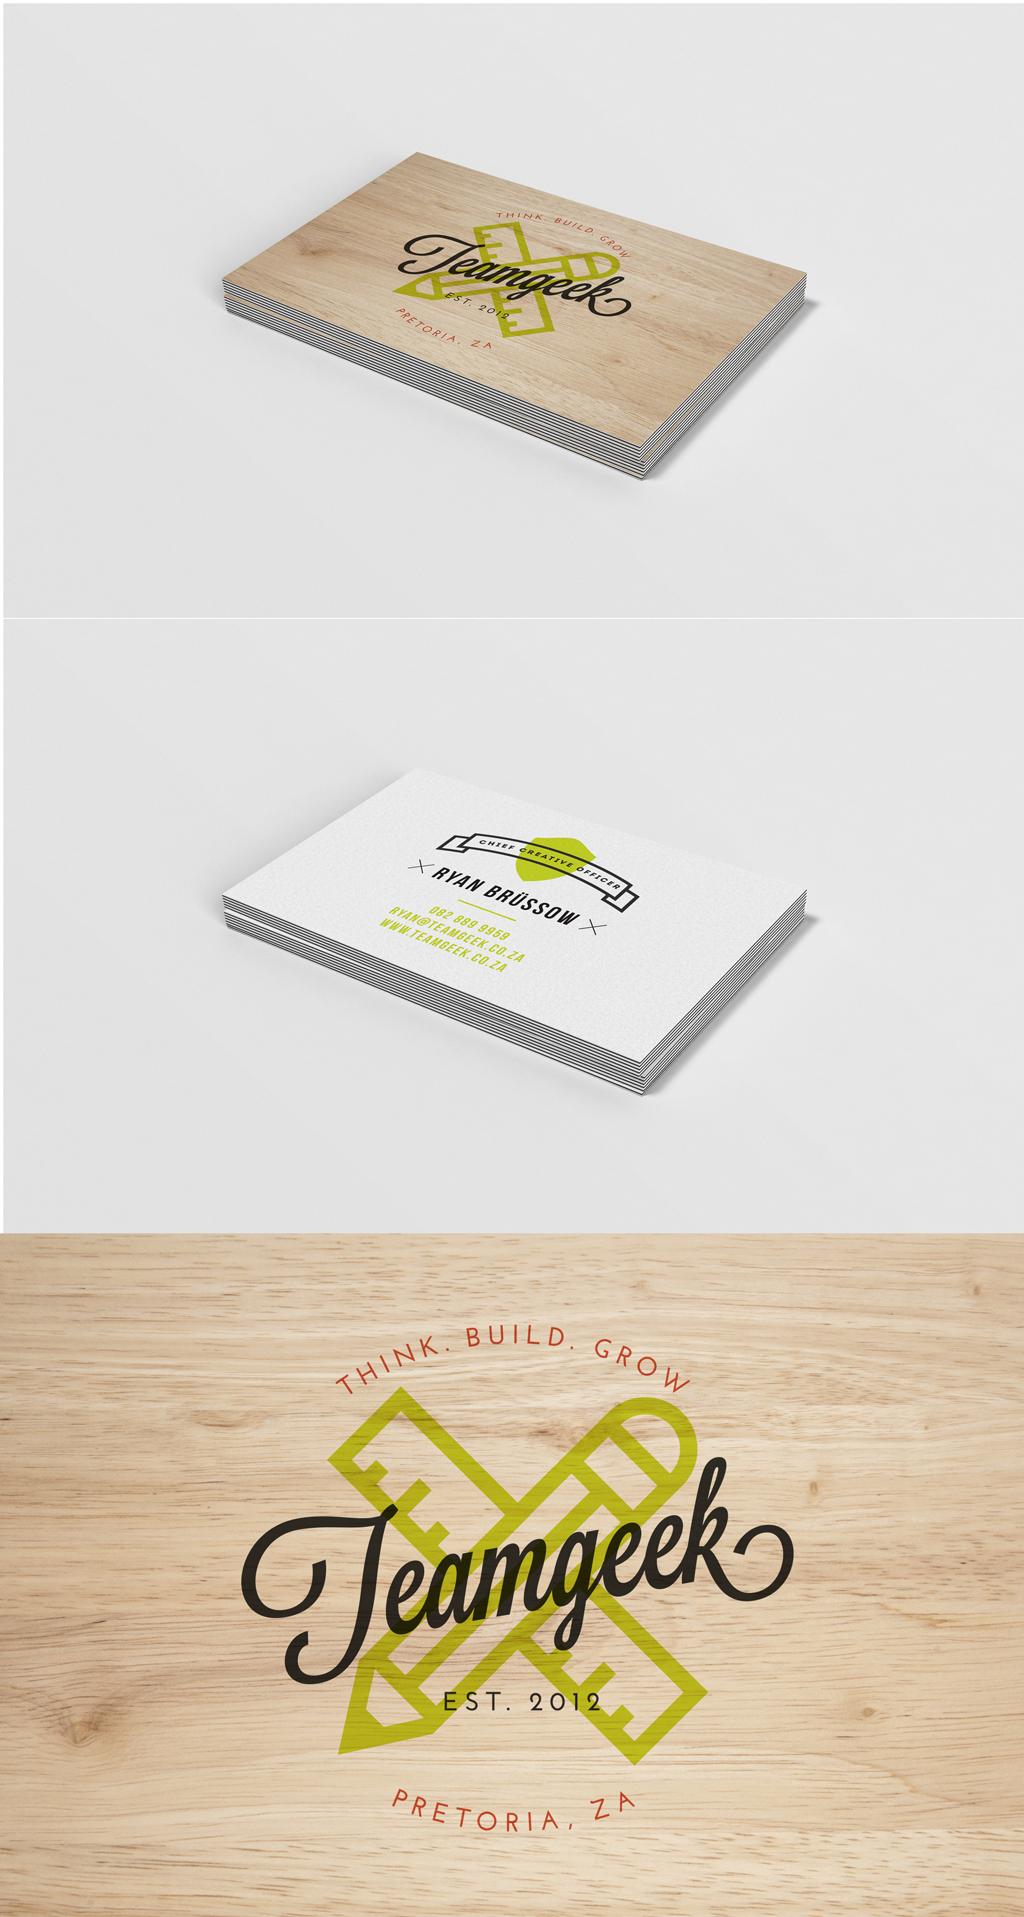 Team Geek   Business Card Design on Behance